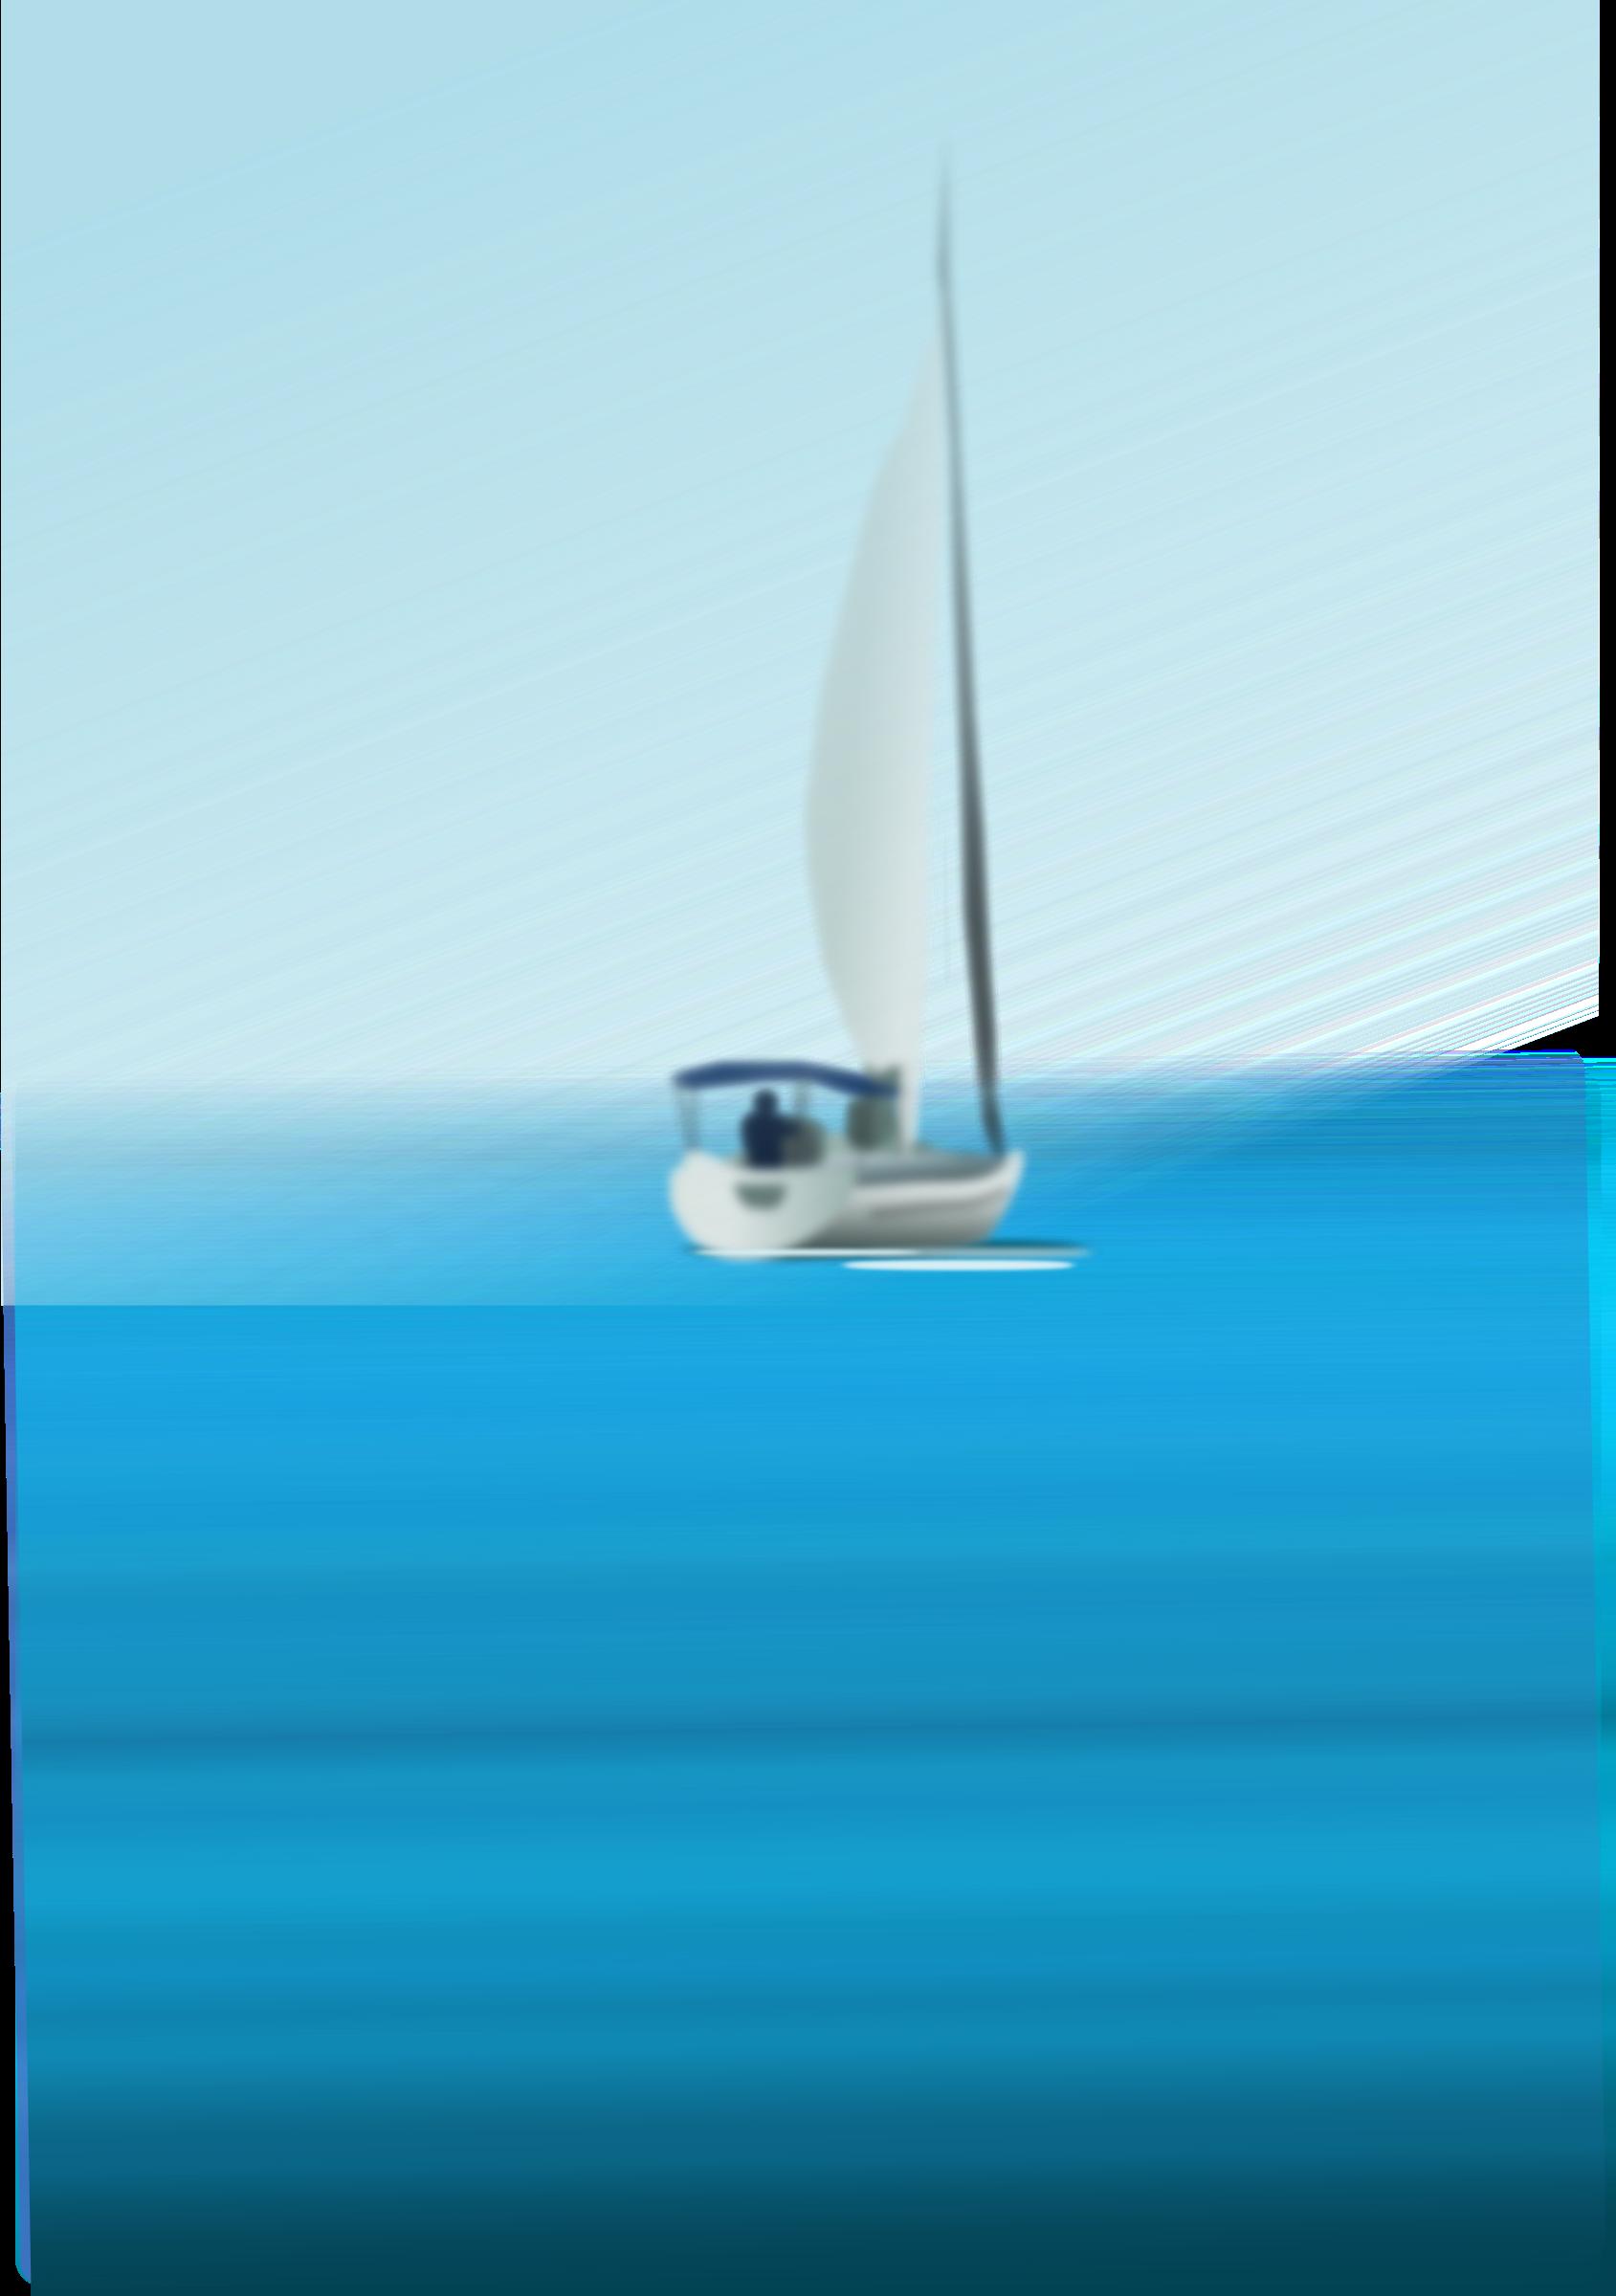 Sailing Boat clipart the sea clipart At at Sea Boat Boat